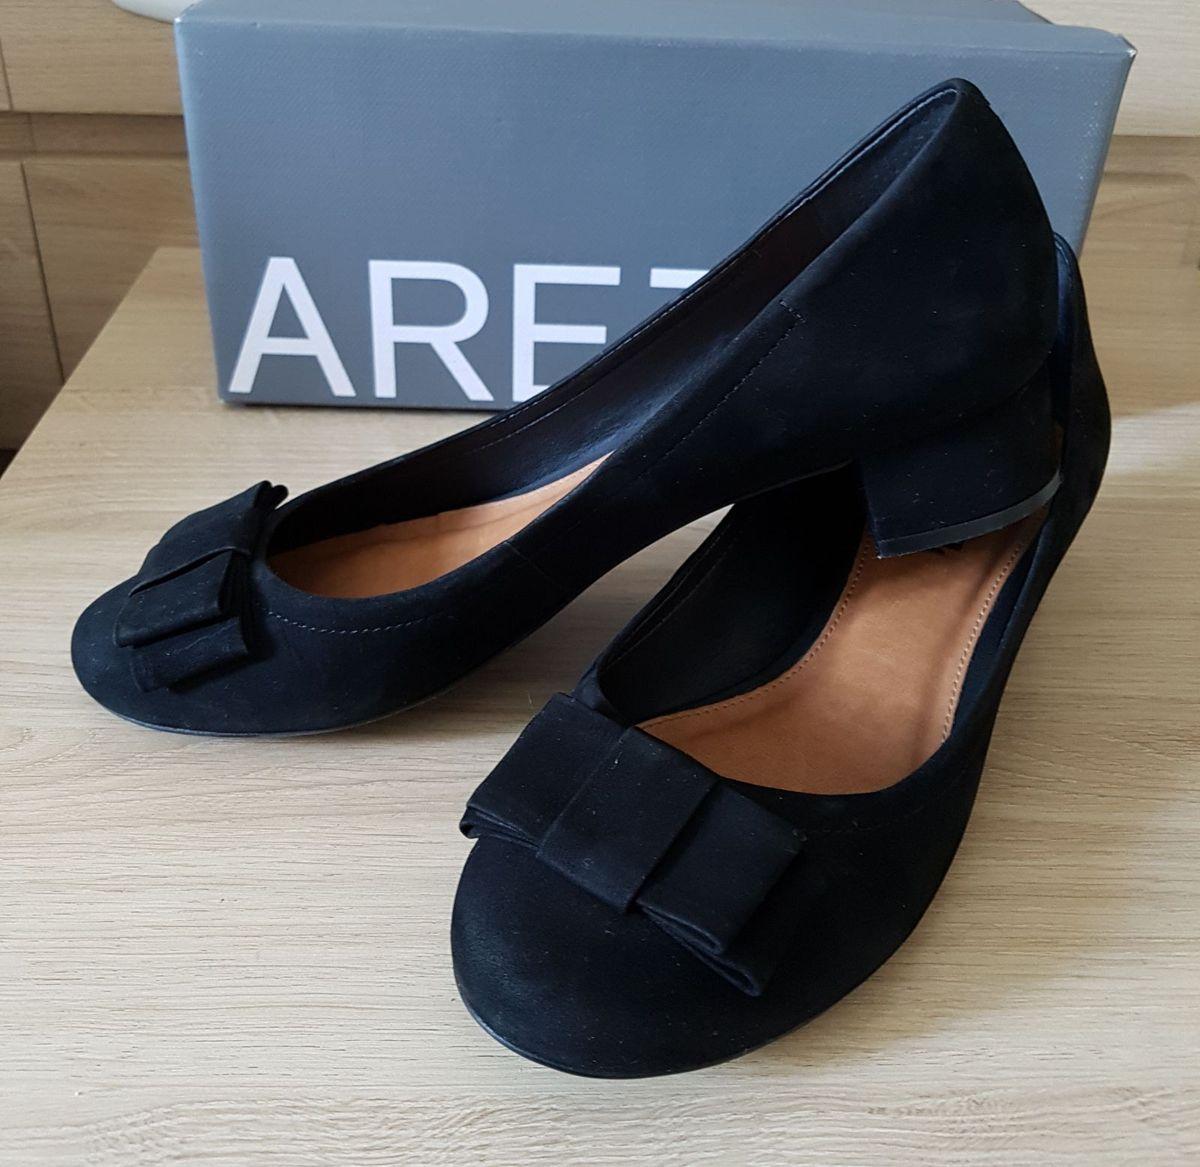 552c0c13c sapato preto arezzo salto baixo - sapatos arezzo.  Czm6ly9wag90b3muzw5qb2vplmnvbs5ici9wcm9kdwn0cy82njewoty2l2myy2mzzddhmmq2ytkxmzdhnwjlmgizmdjimdqwmmq1lmpwzw